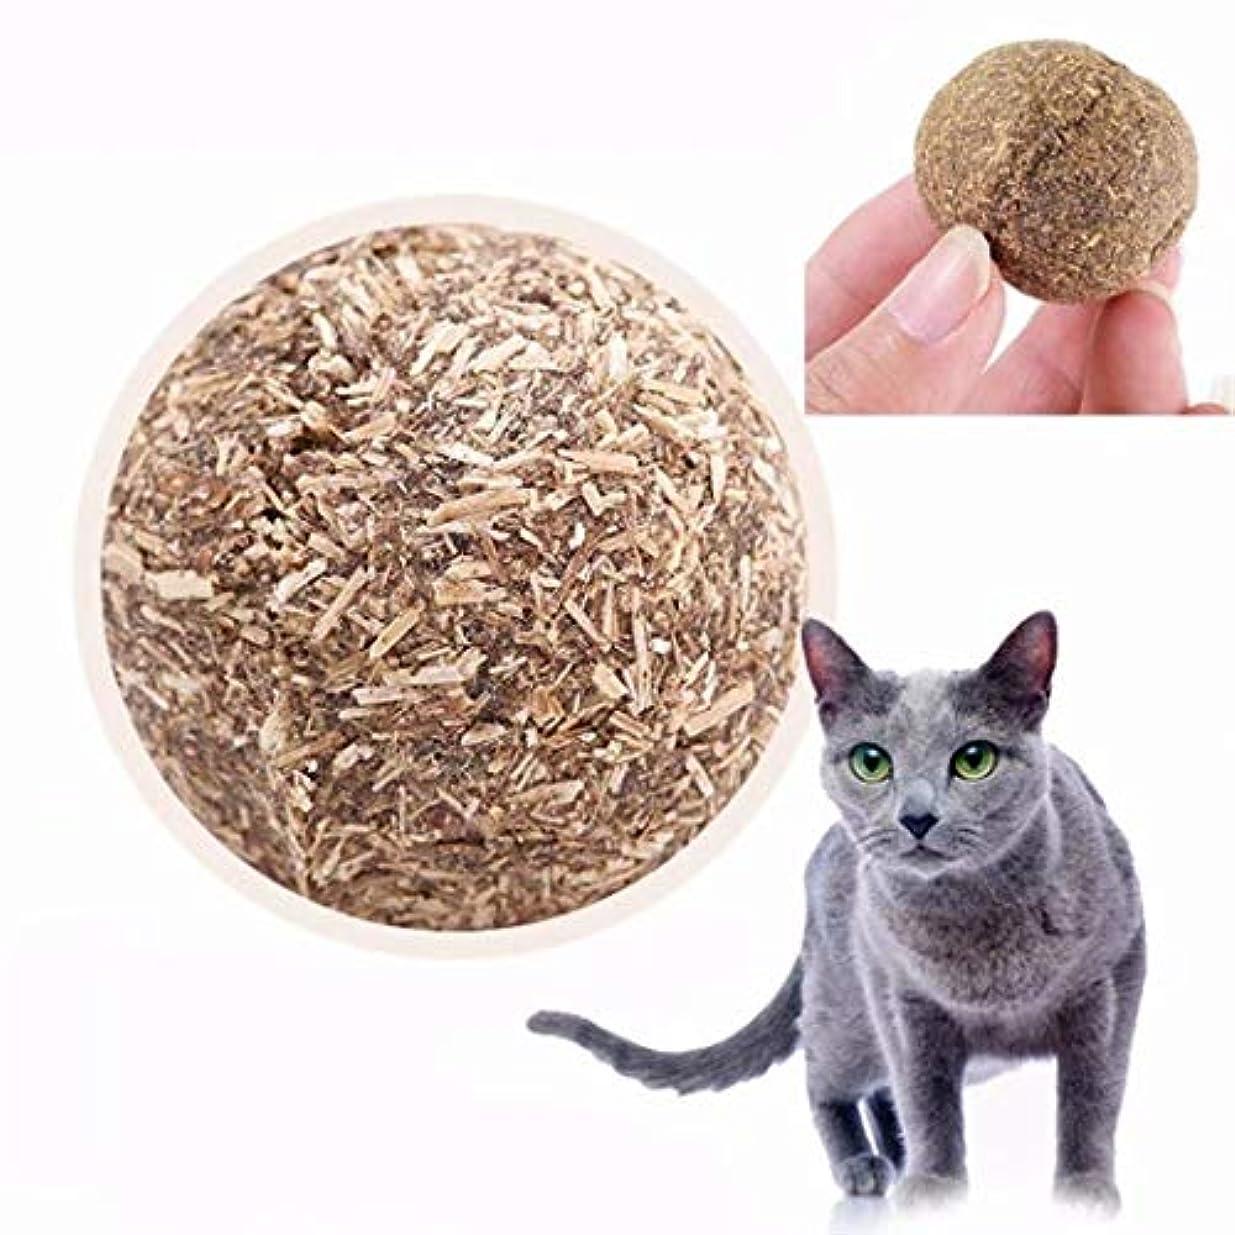 ほんのフォーラムピカリング七里の香 猫ミントボール 歯ぎしり?噛むおもちゃ 猫ストレス解消グッズ